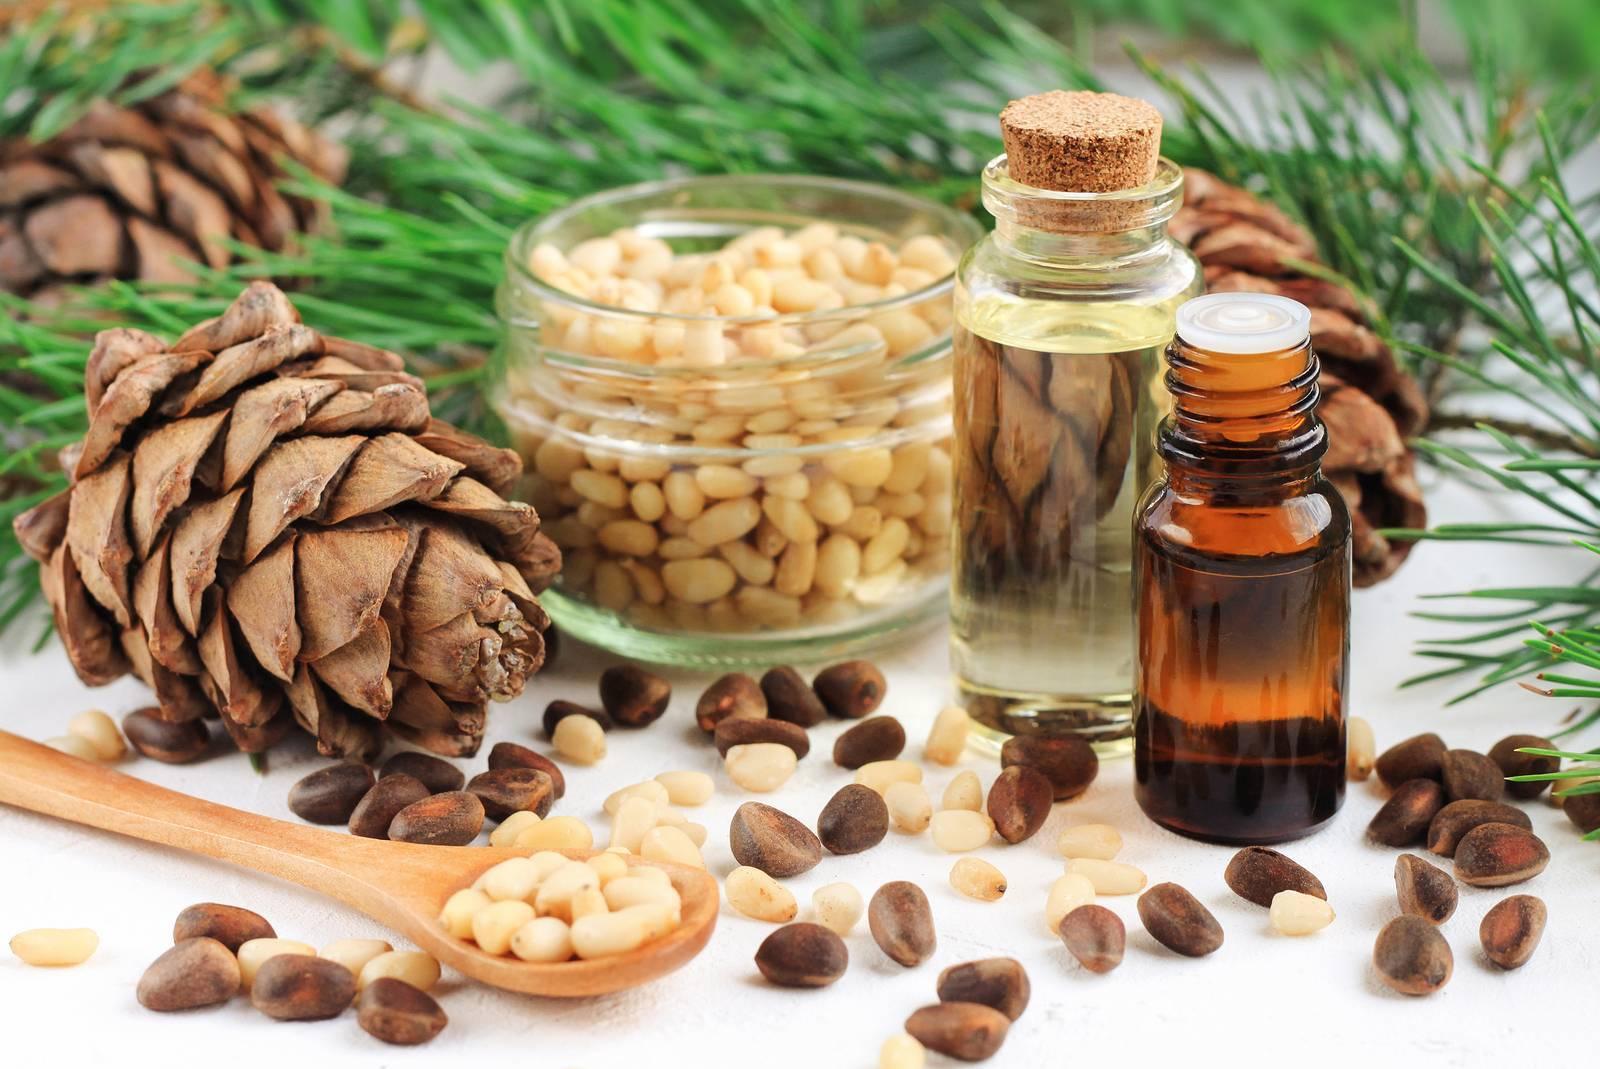 Эфирное масло кедра: свойства и применение в народной медицине